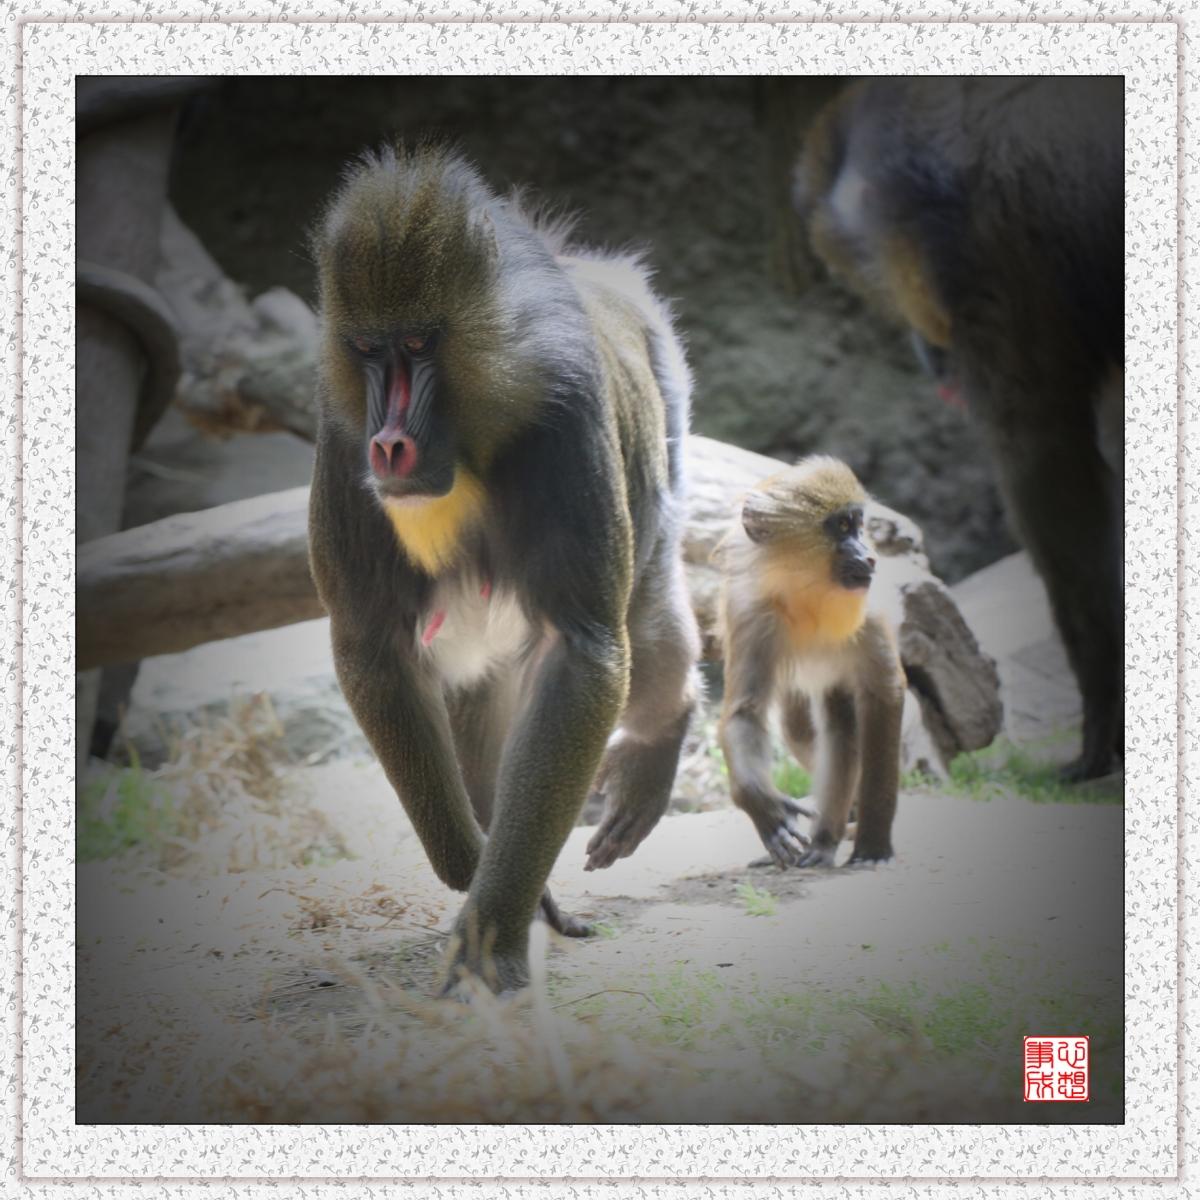 【心想事成】 人类的祖先?BRONX 动物园随拍_图1-2